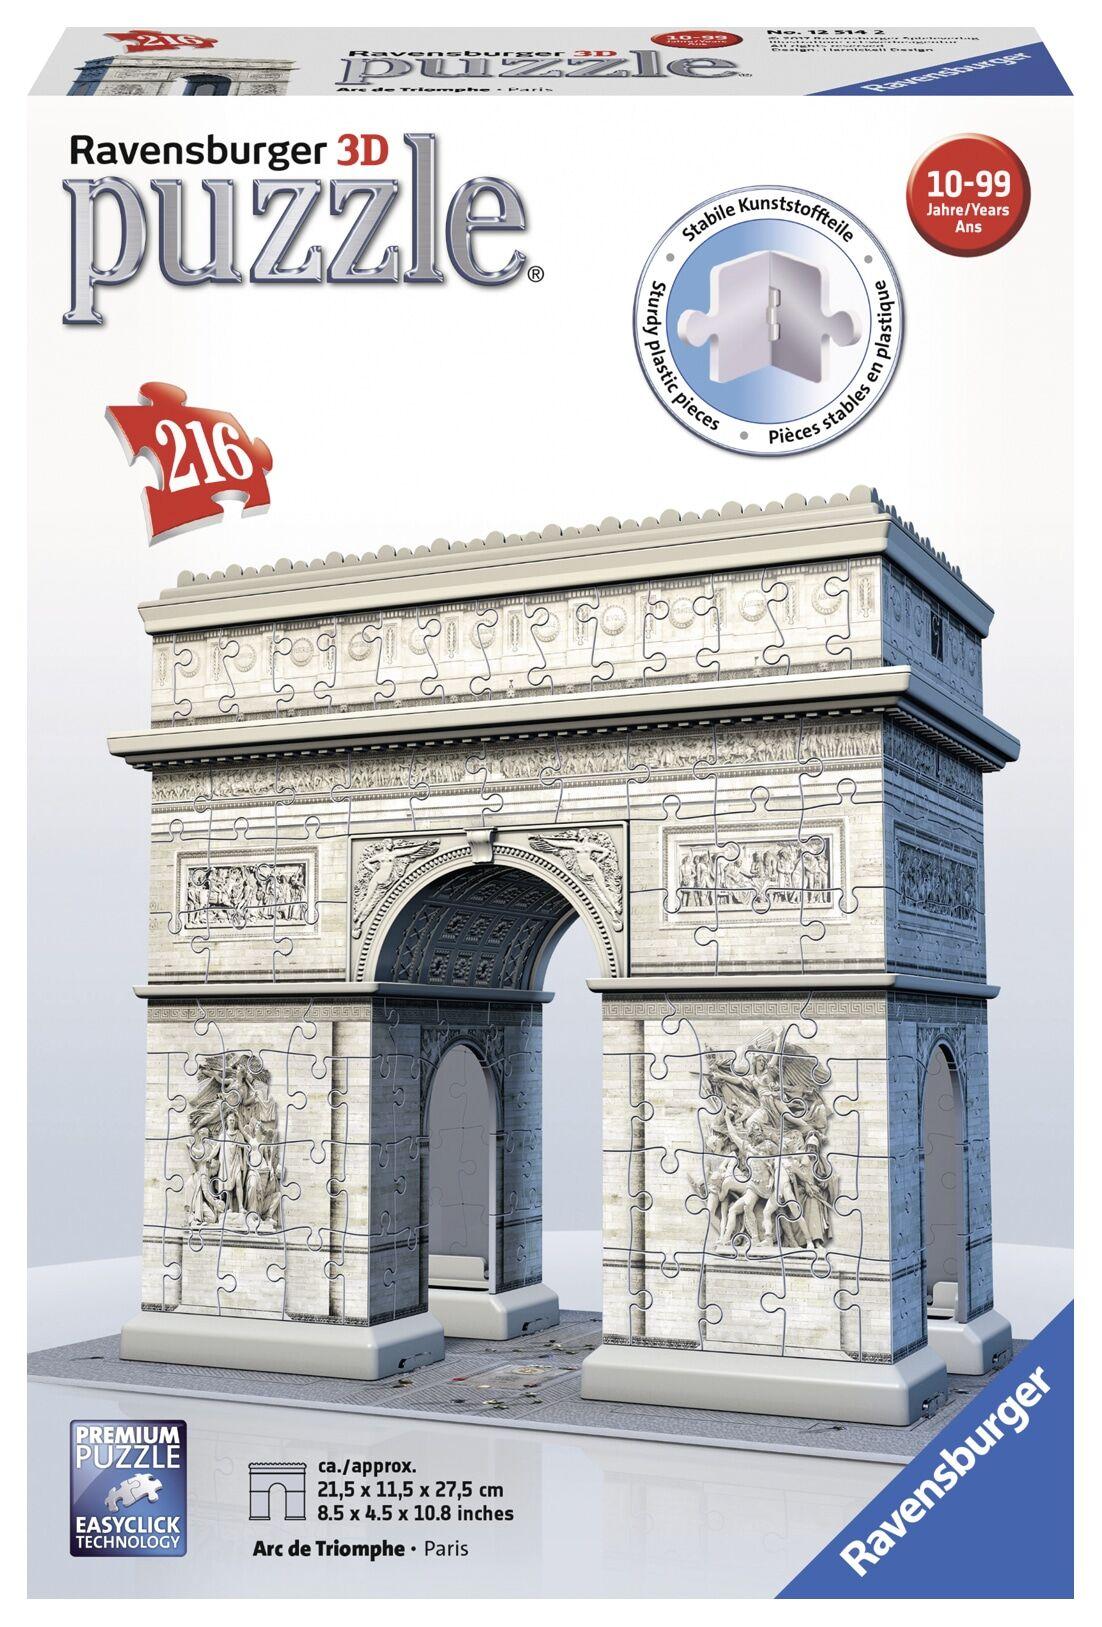 Ravensburger 3D Arc de Triomphe 216p palapeli